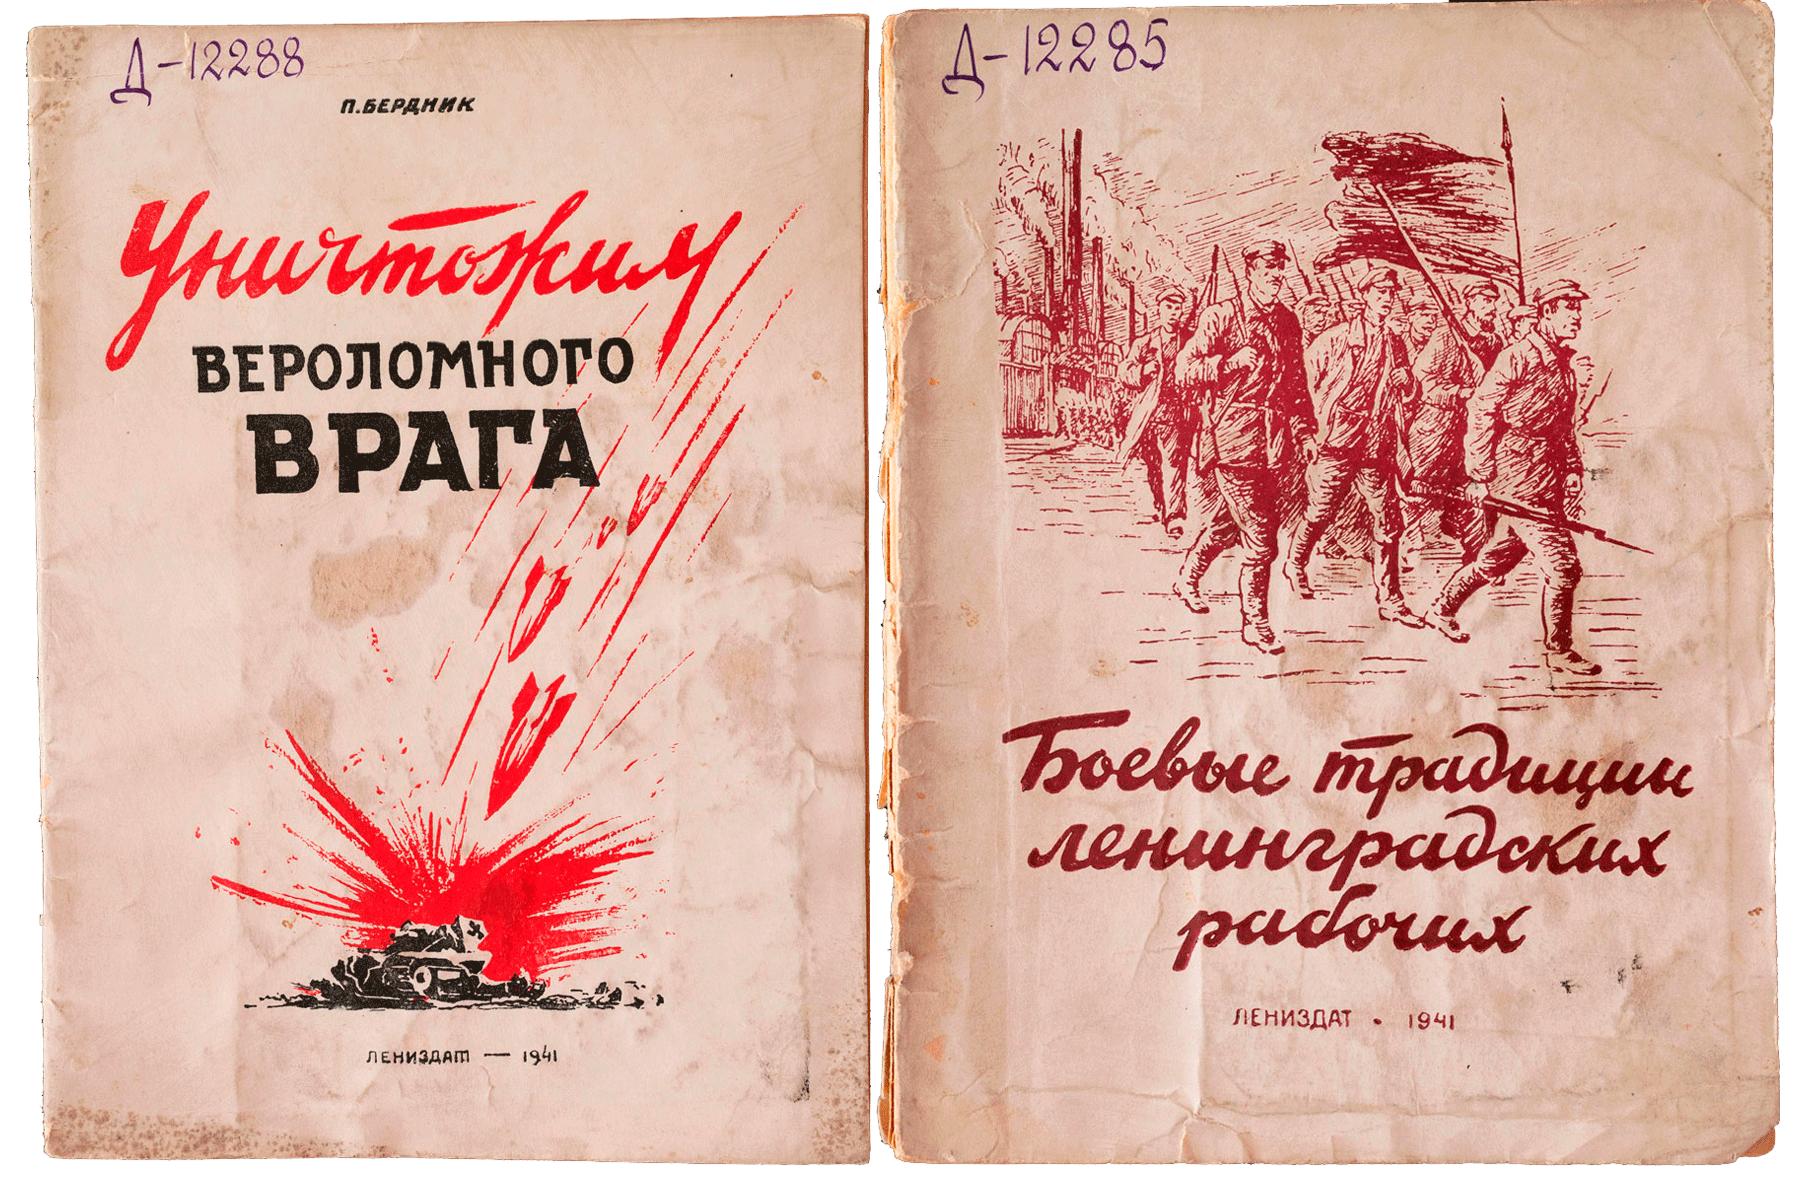 Среди книжной продукции военных лет большое место занимали издания политического характера, отвечающие требованиям военной пропаганды, разоблачающей фашизм как злейшего врага